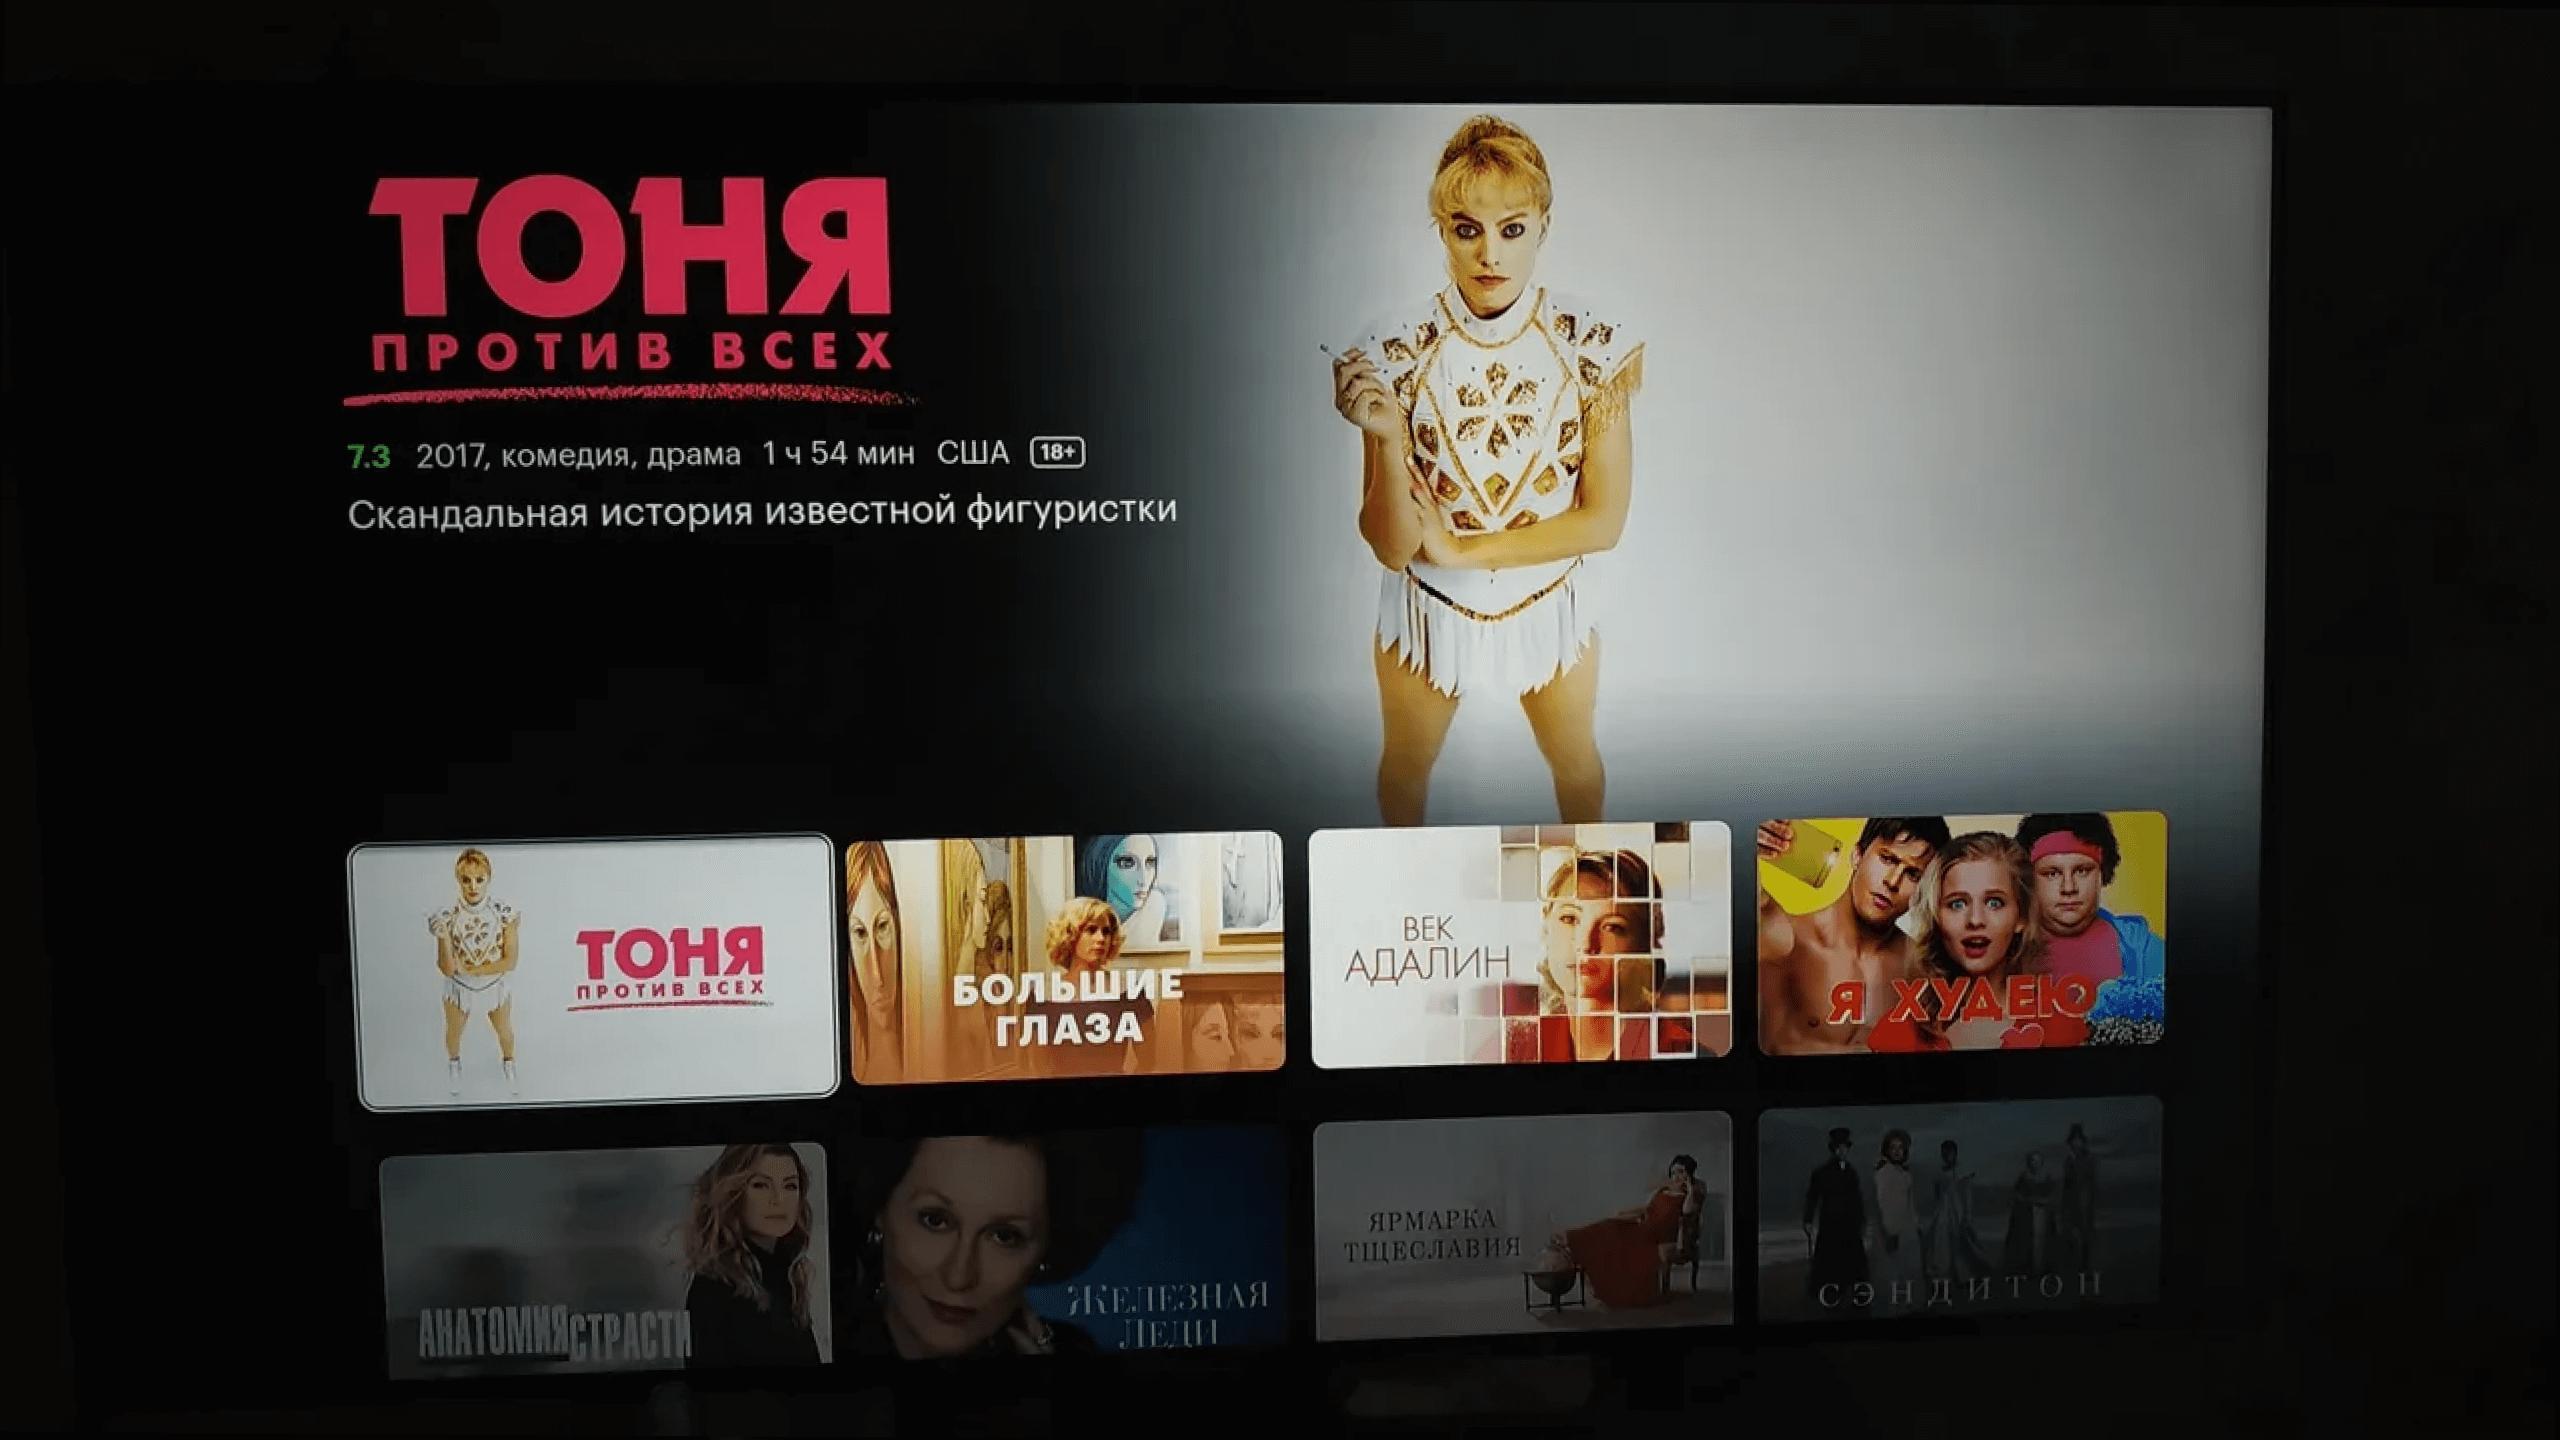 Неудачный редизайн страниц Кинопоиска HD 4